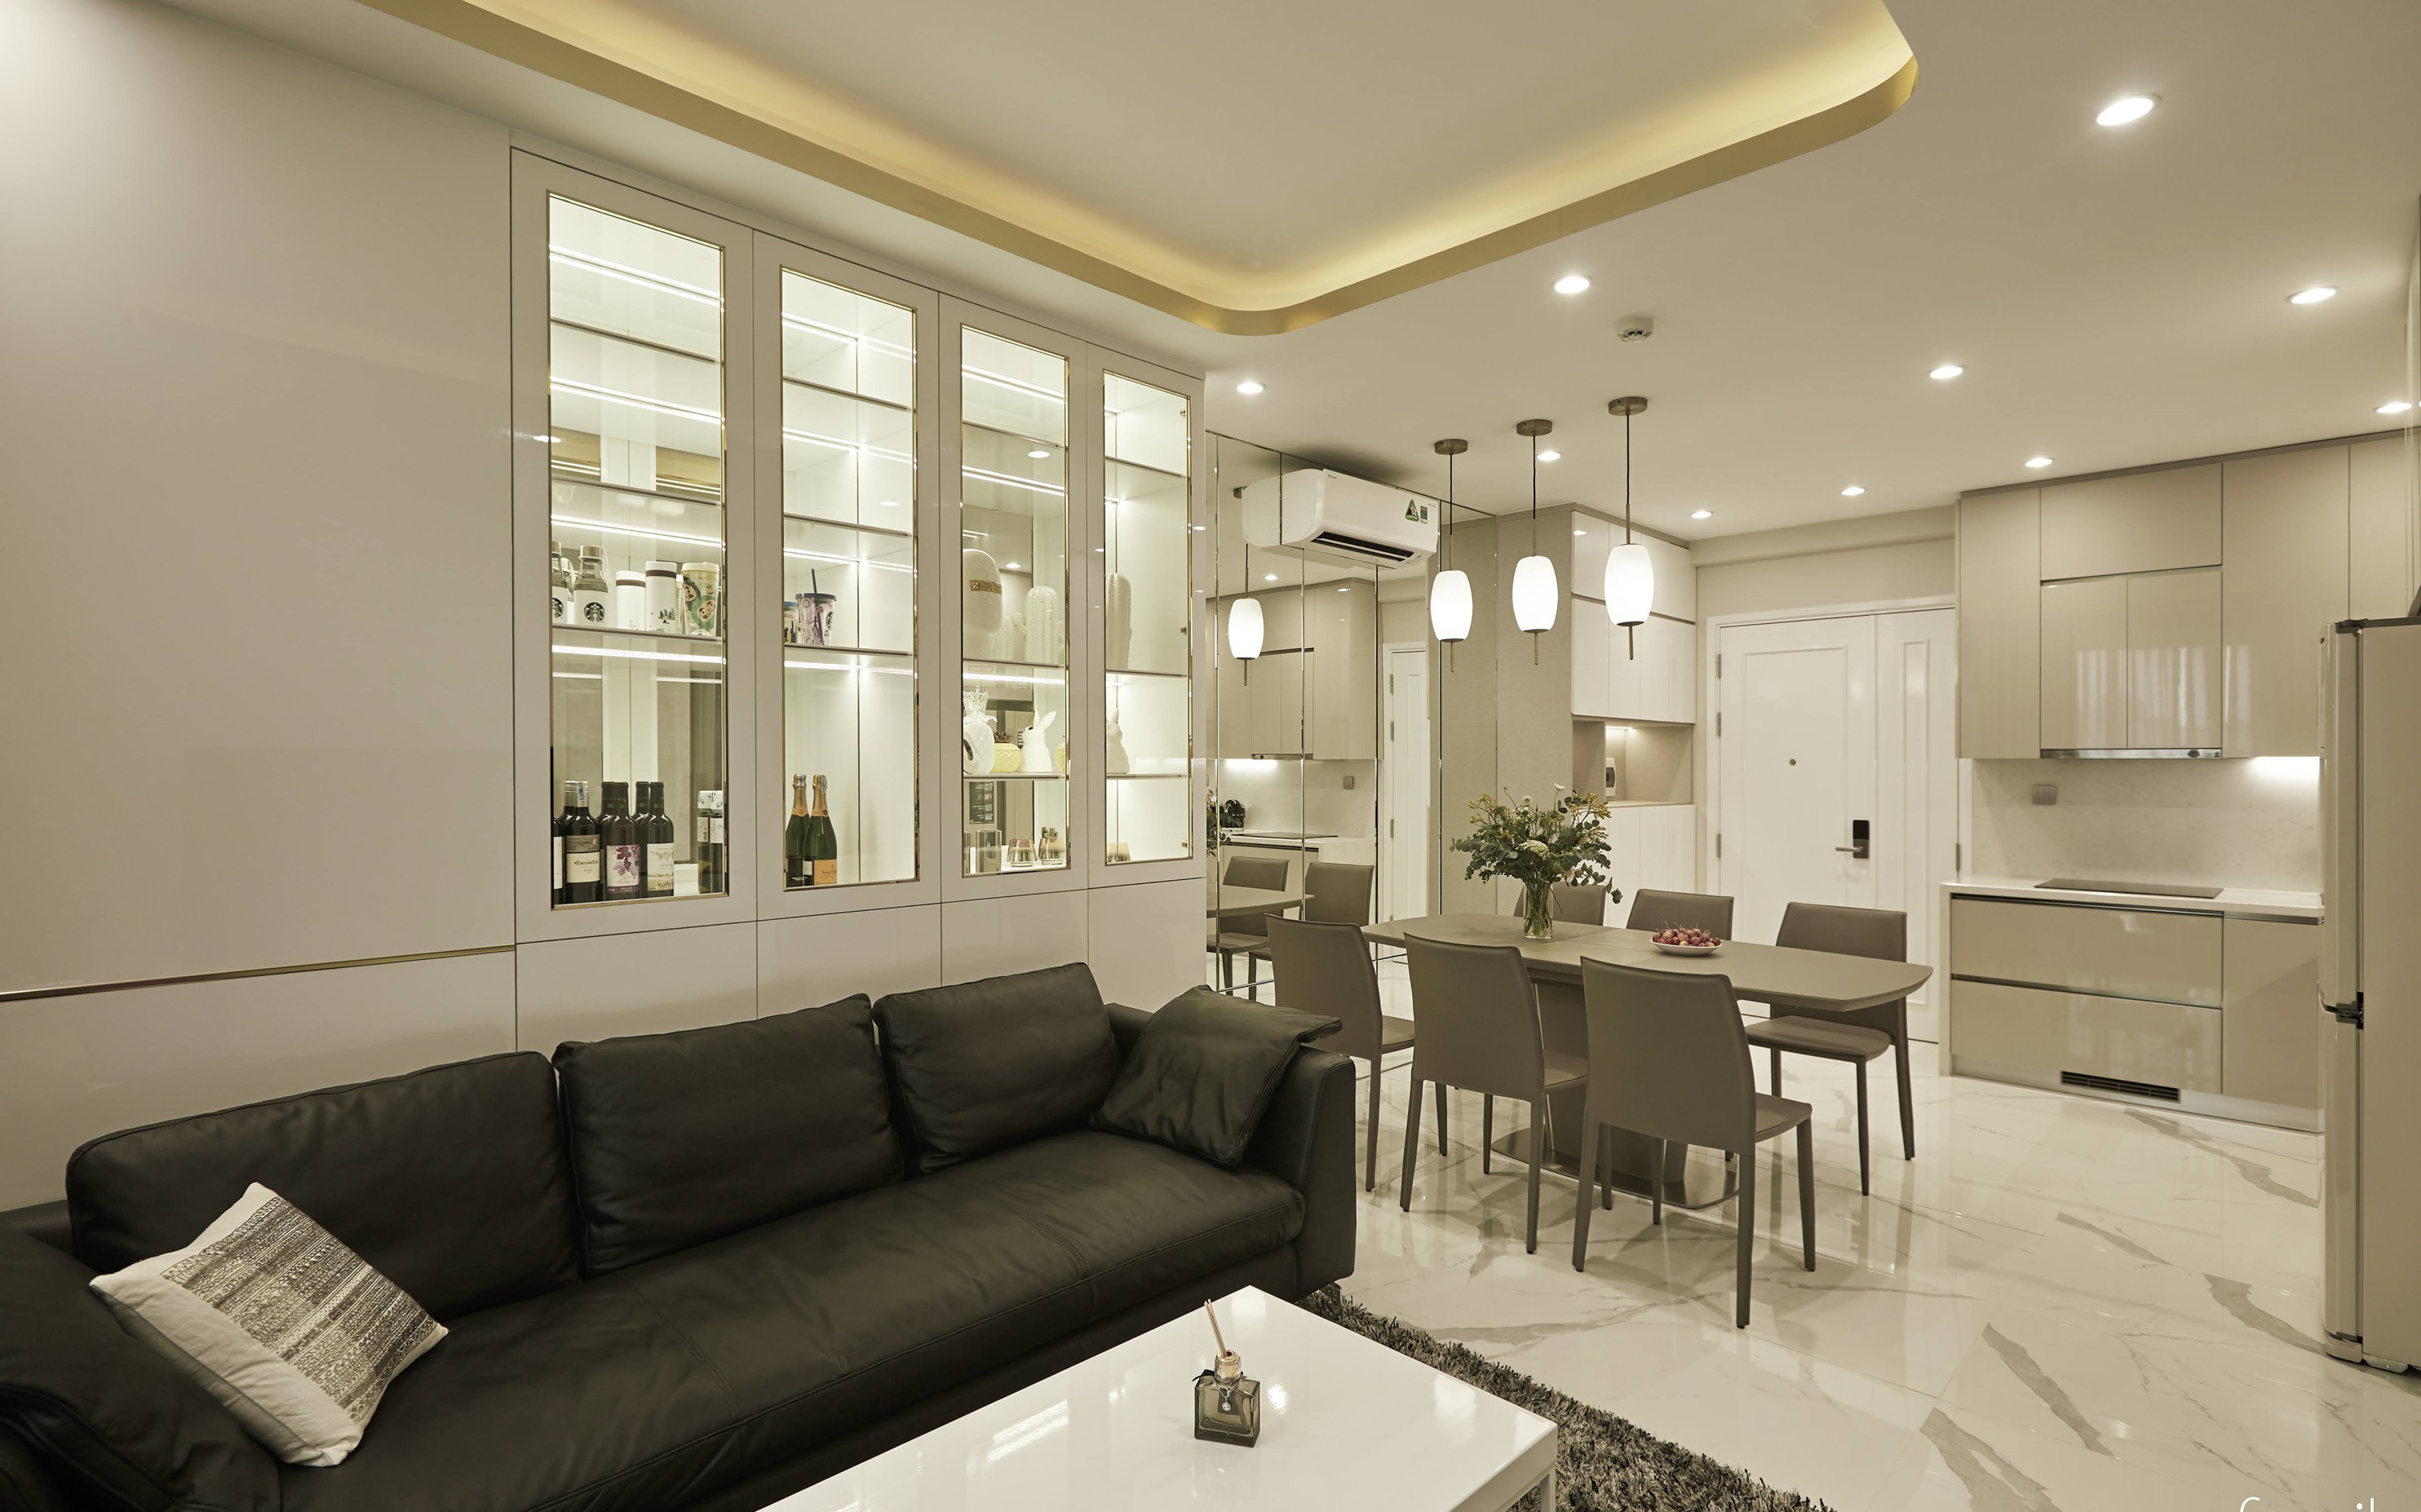 Căn hộ 85m² đẹp kiêu kỳ với nội thất cao cấp như khách sạn 5 sao ở Sài Gòn